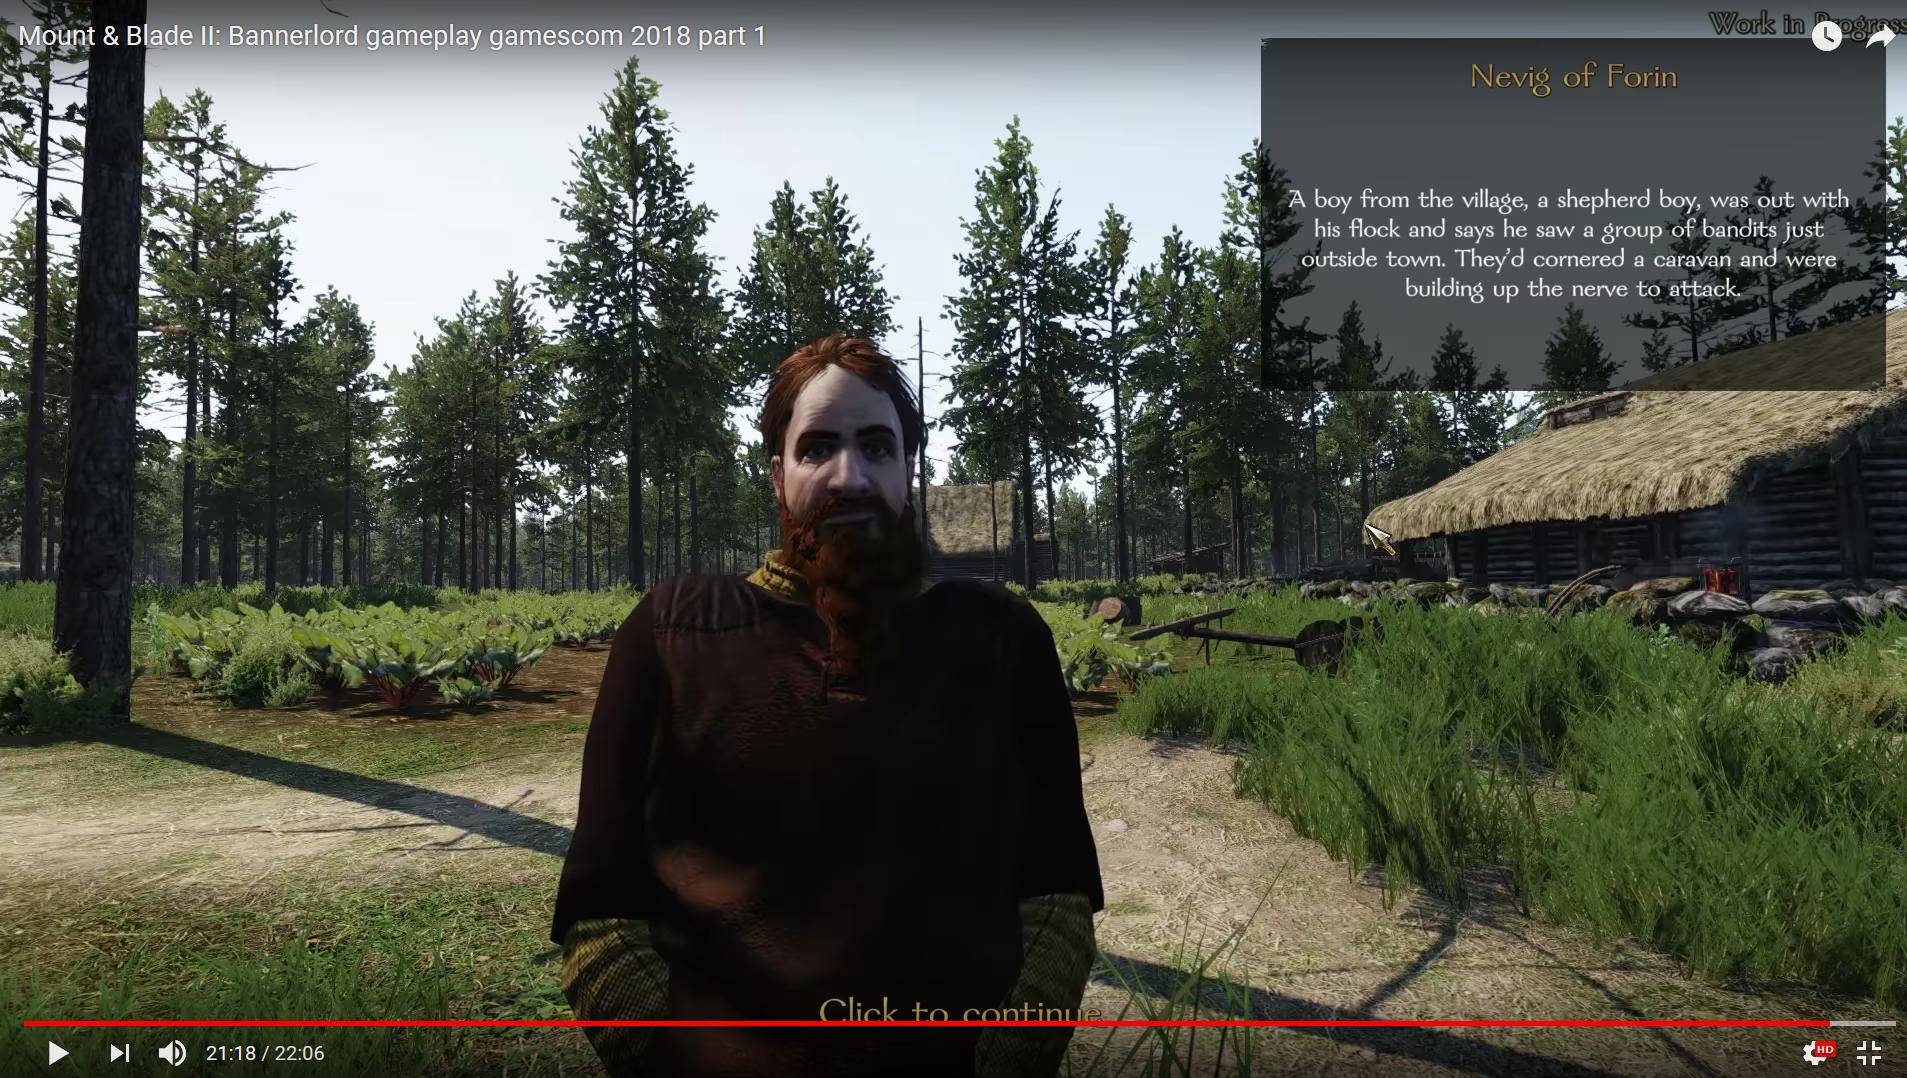 Diario semanal de desarrollo de Bannerlord 56: Quests 2